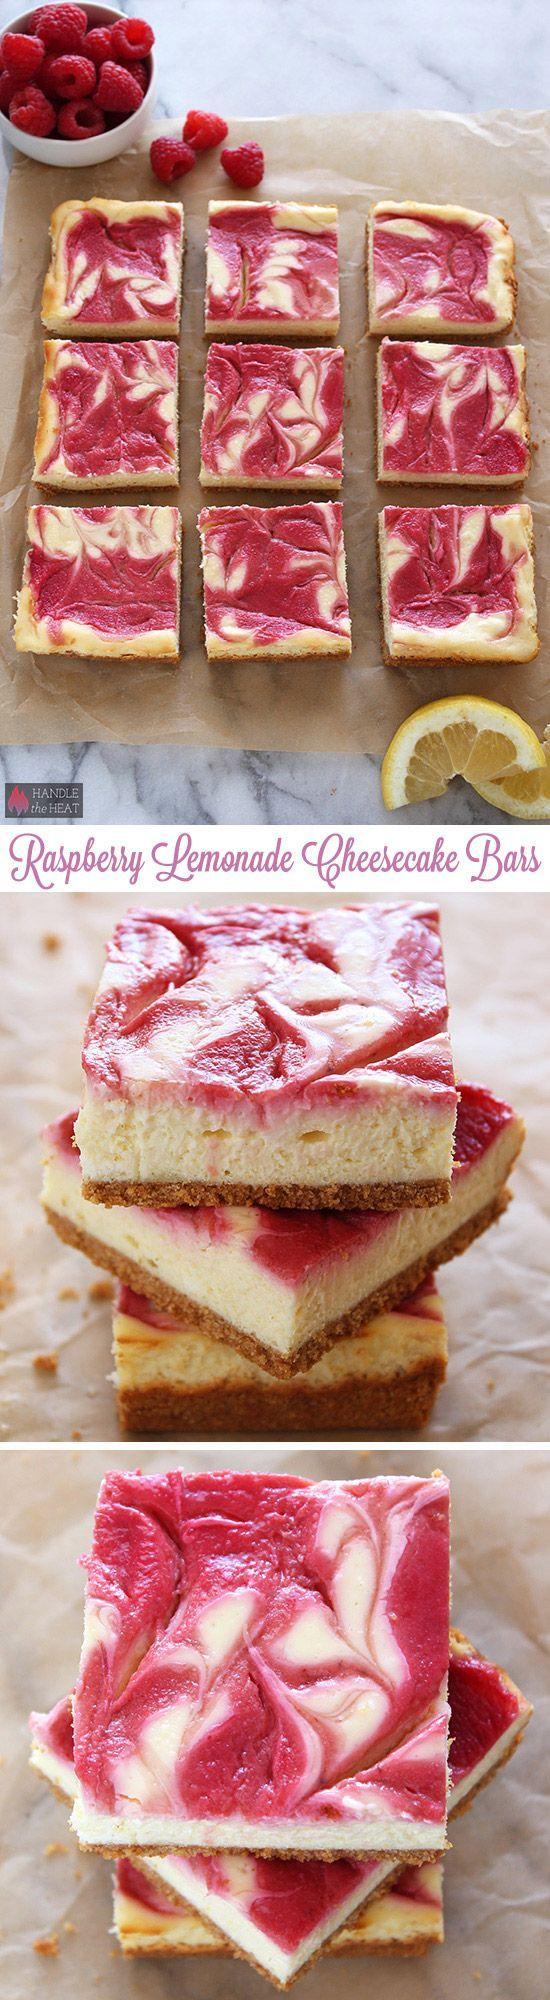 summer tarts the heat lemonade cheesecake bars raspberry lemonade ...